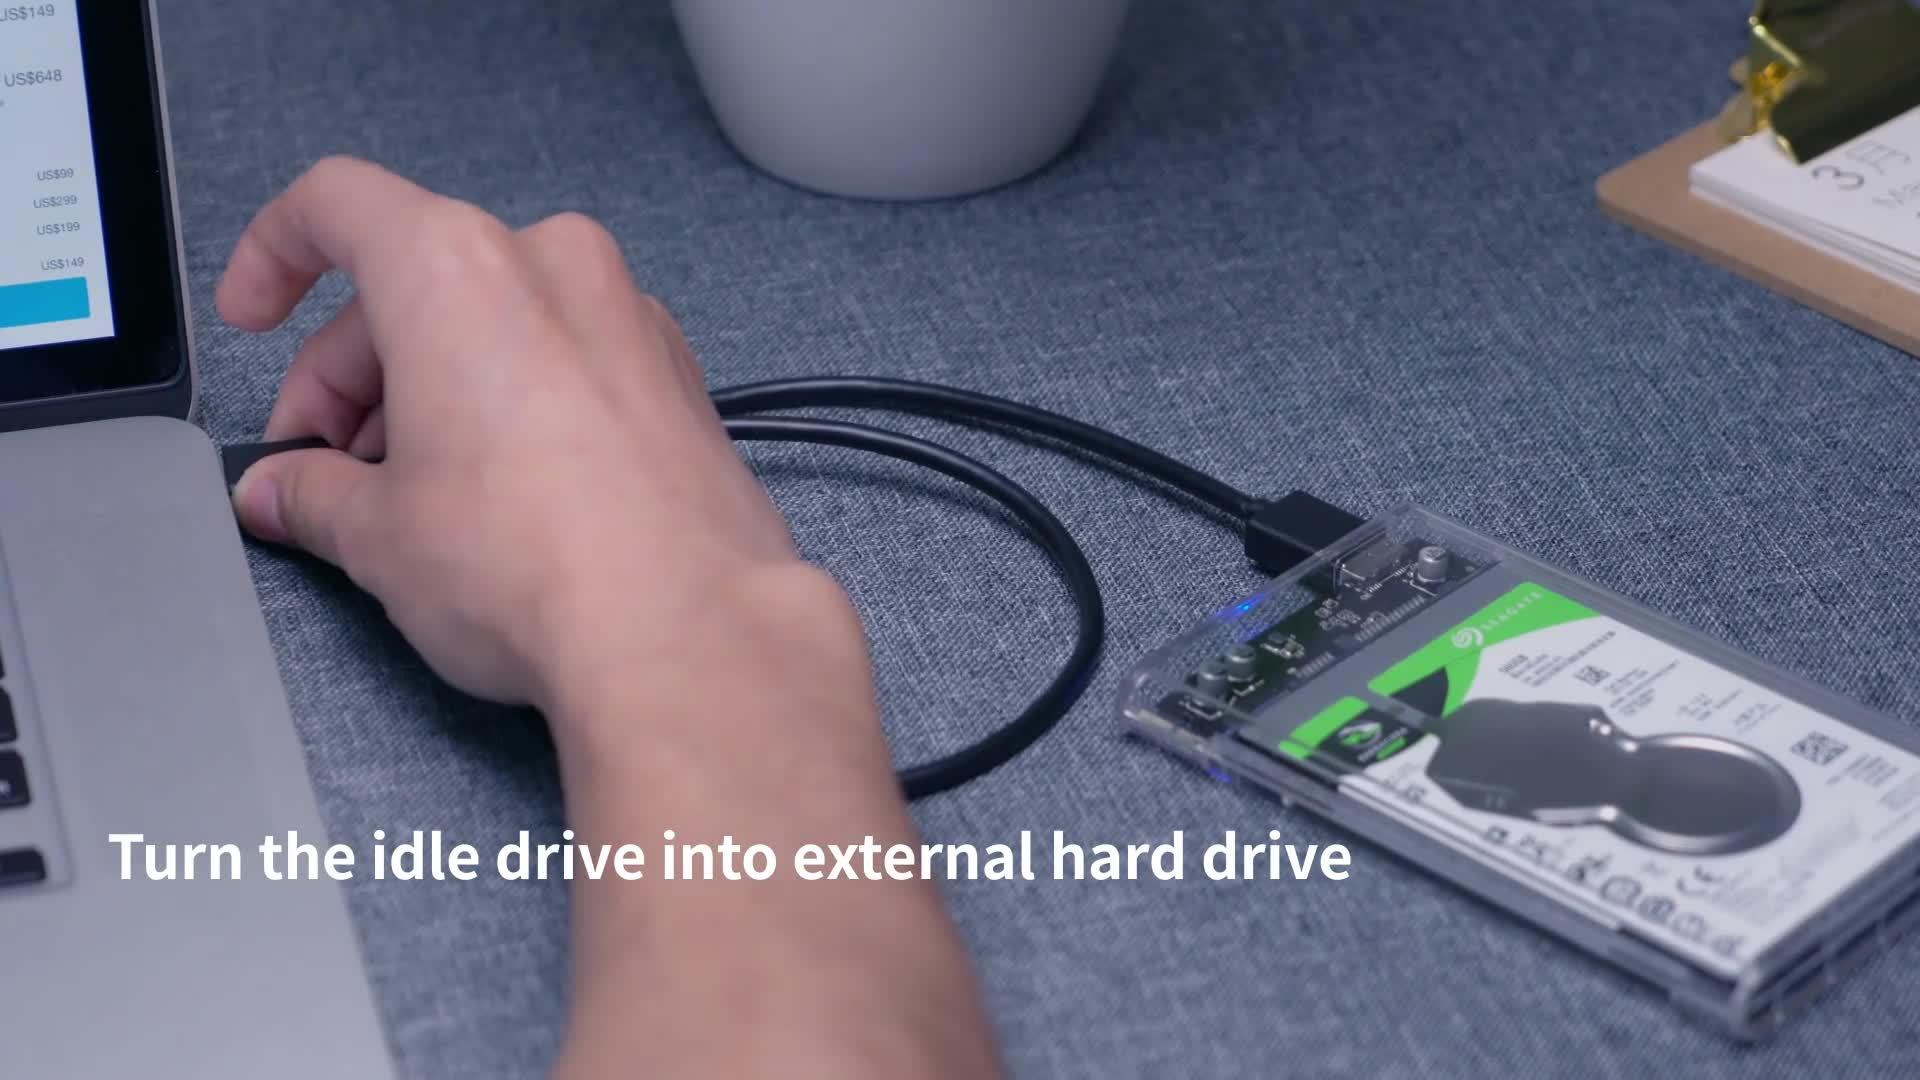 オリコ 2.5 インチ HDD Ssd エンクロージャ透明 SATA USB3.0 ツール-送料 5 5gbps ハードディスクドライブケース 4 テラバイトサポート UASP プロトコル 2139U3